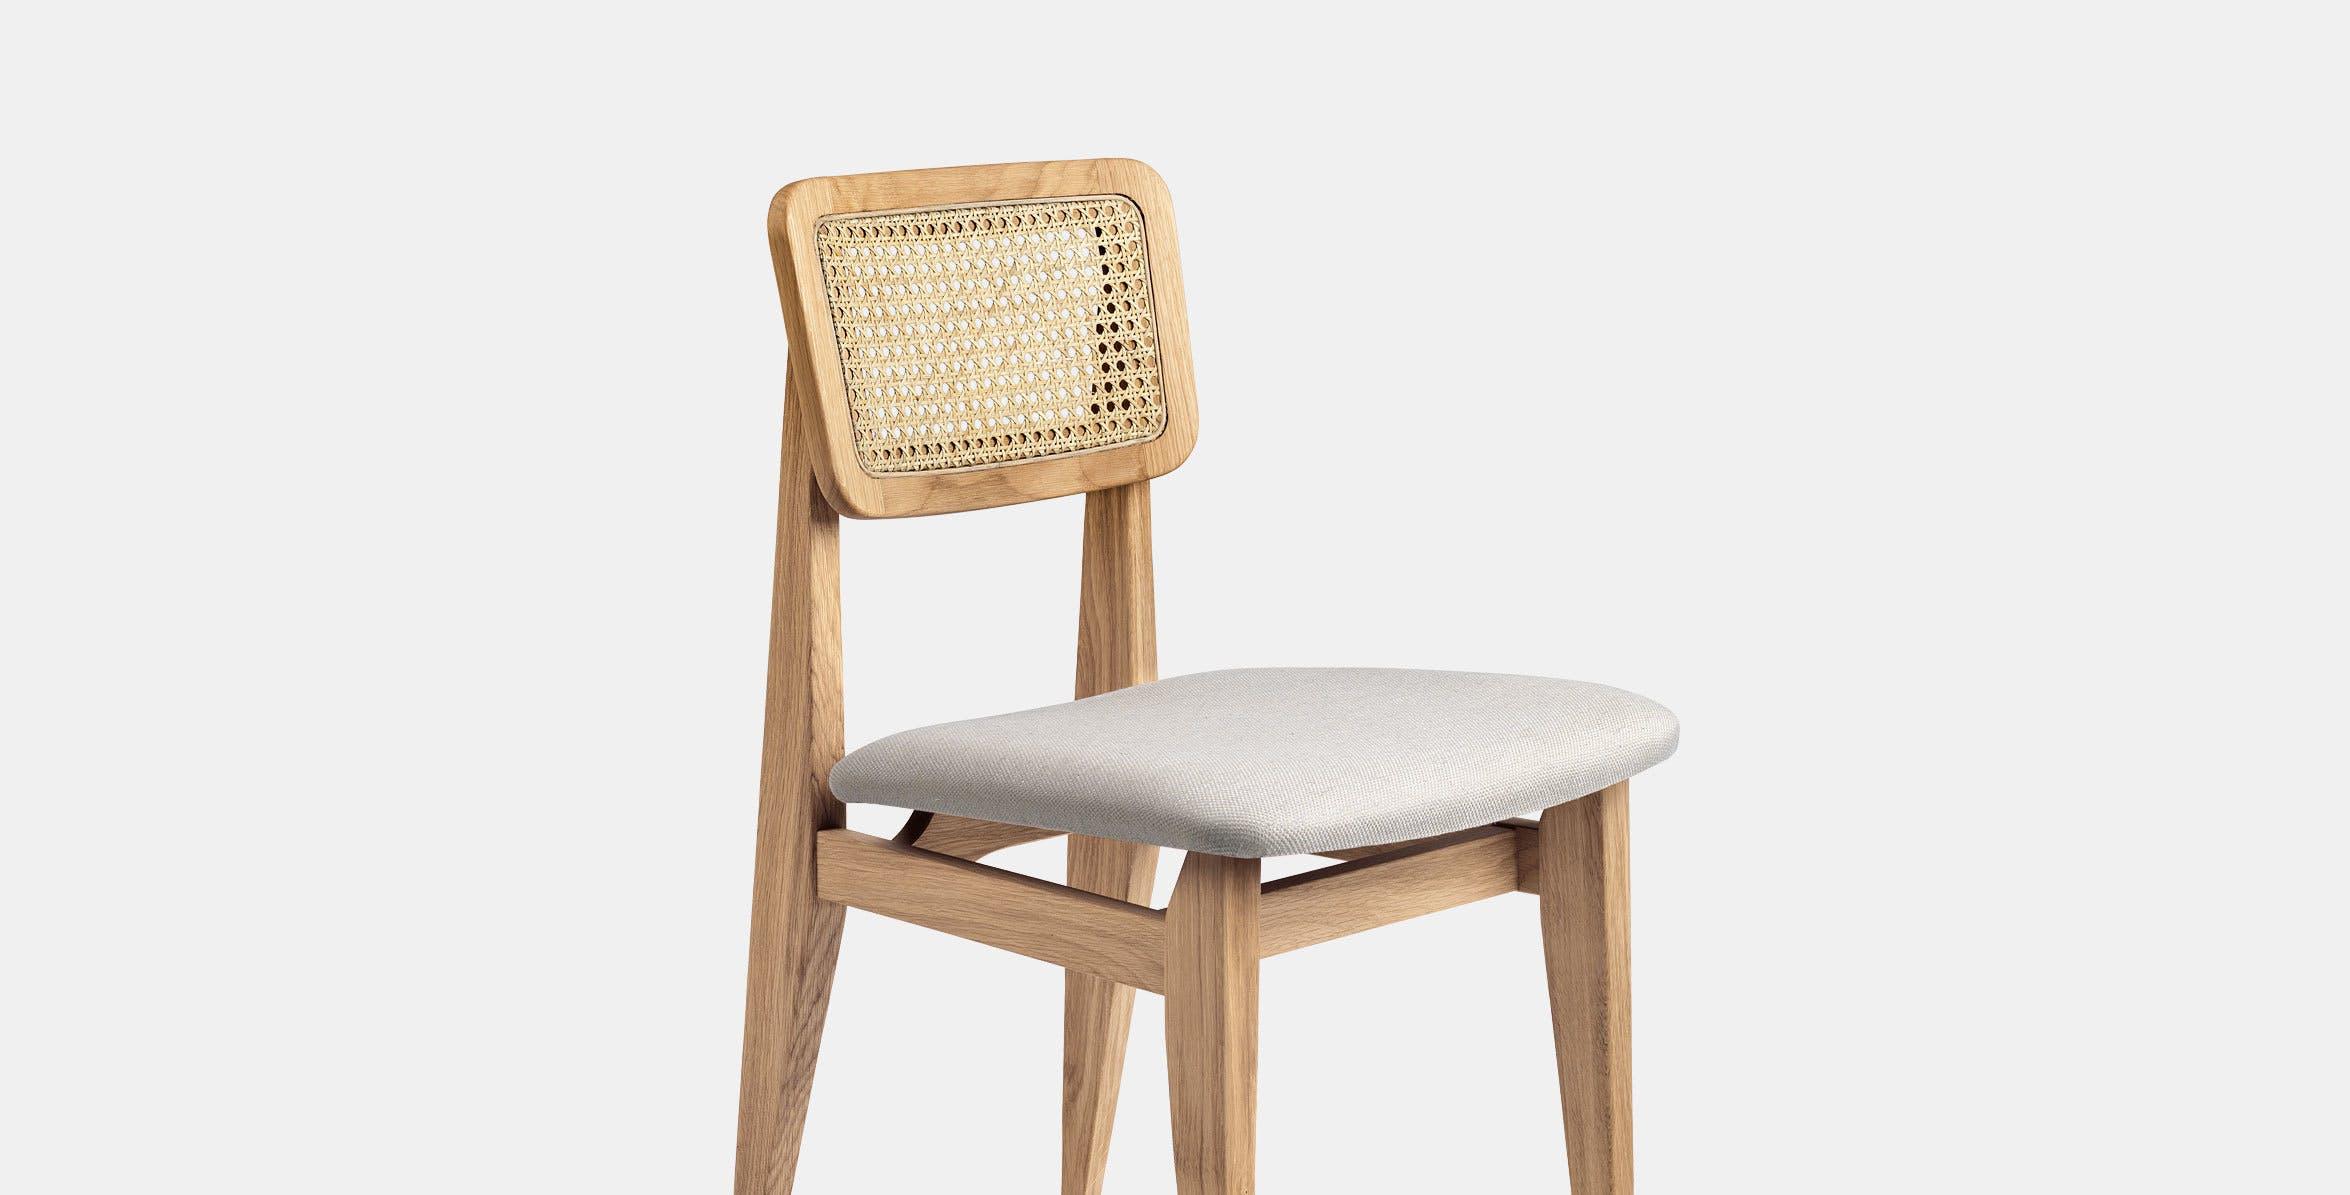 Designer Marcel Gascoin